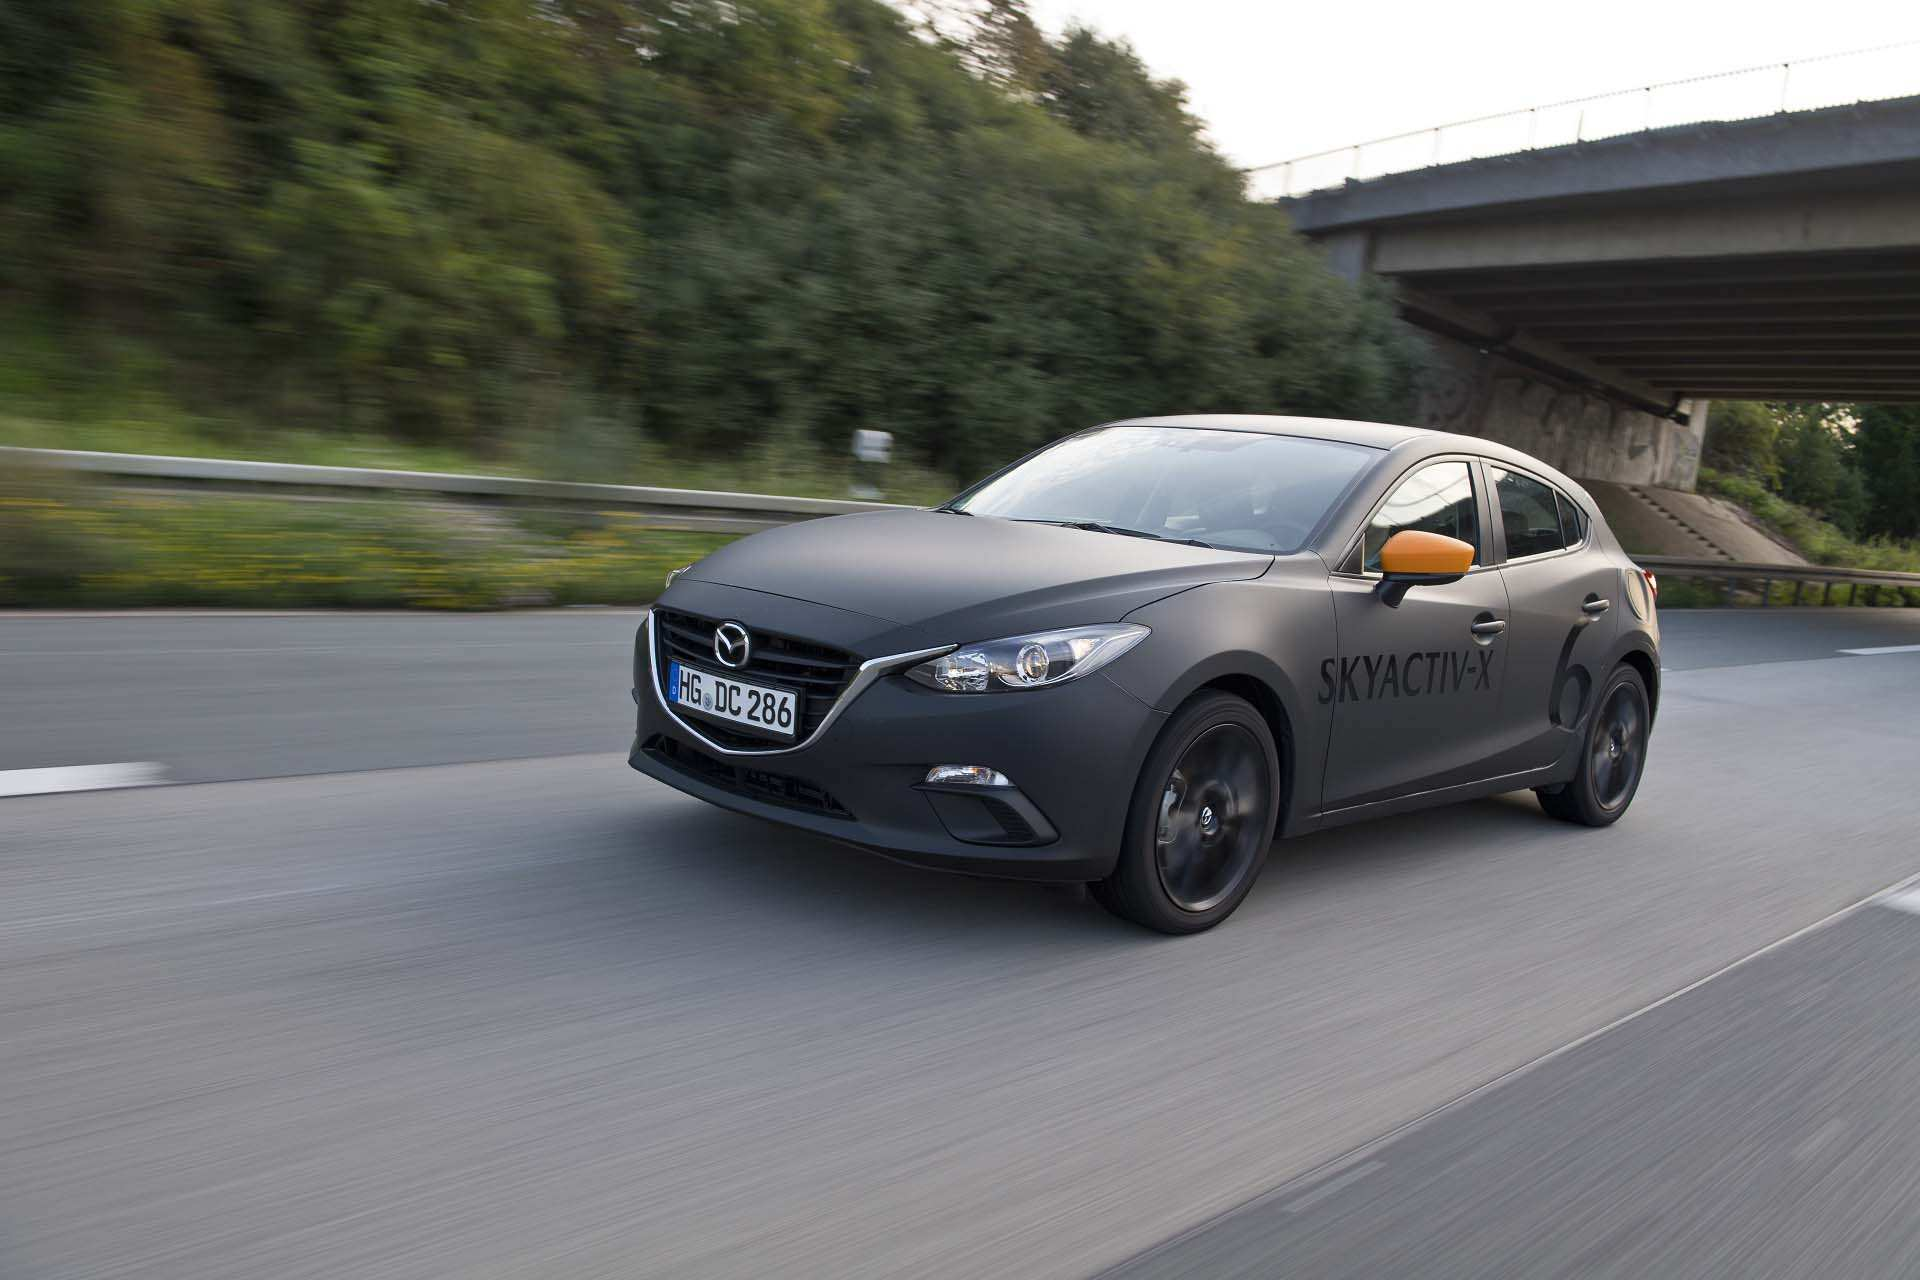 93 Concept of Next Gen Mazda 6 2020 Speed Test by Next Gen Mazda 6 2020